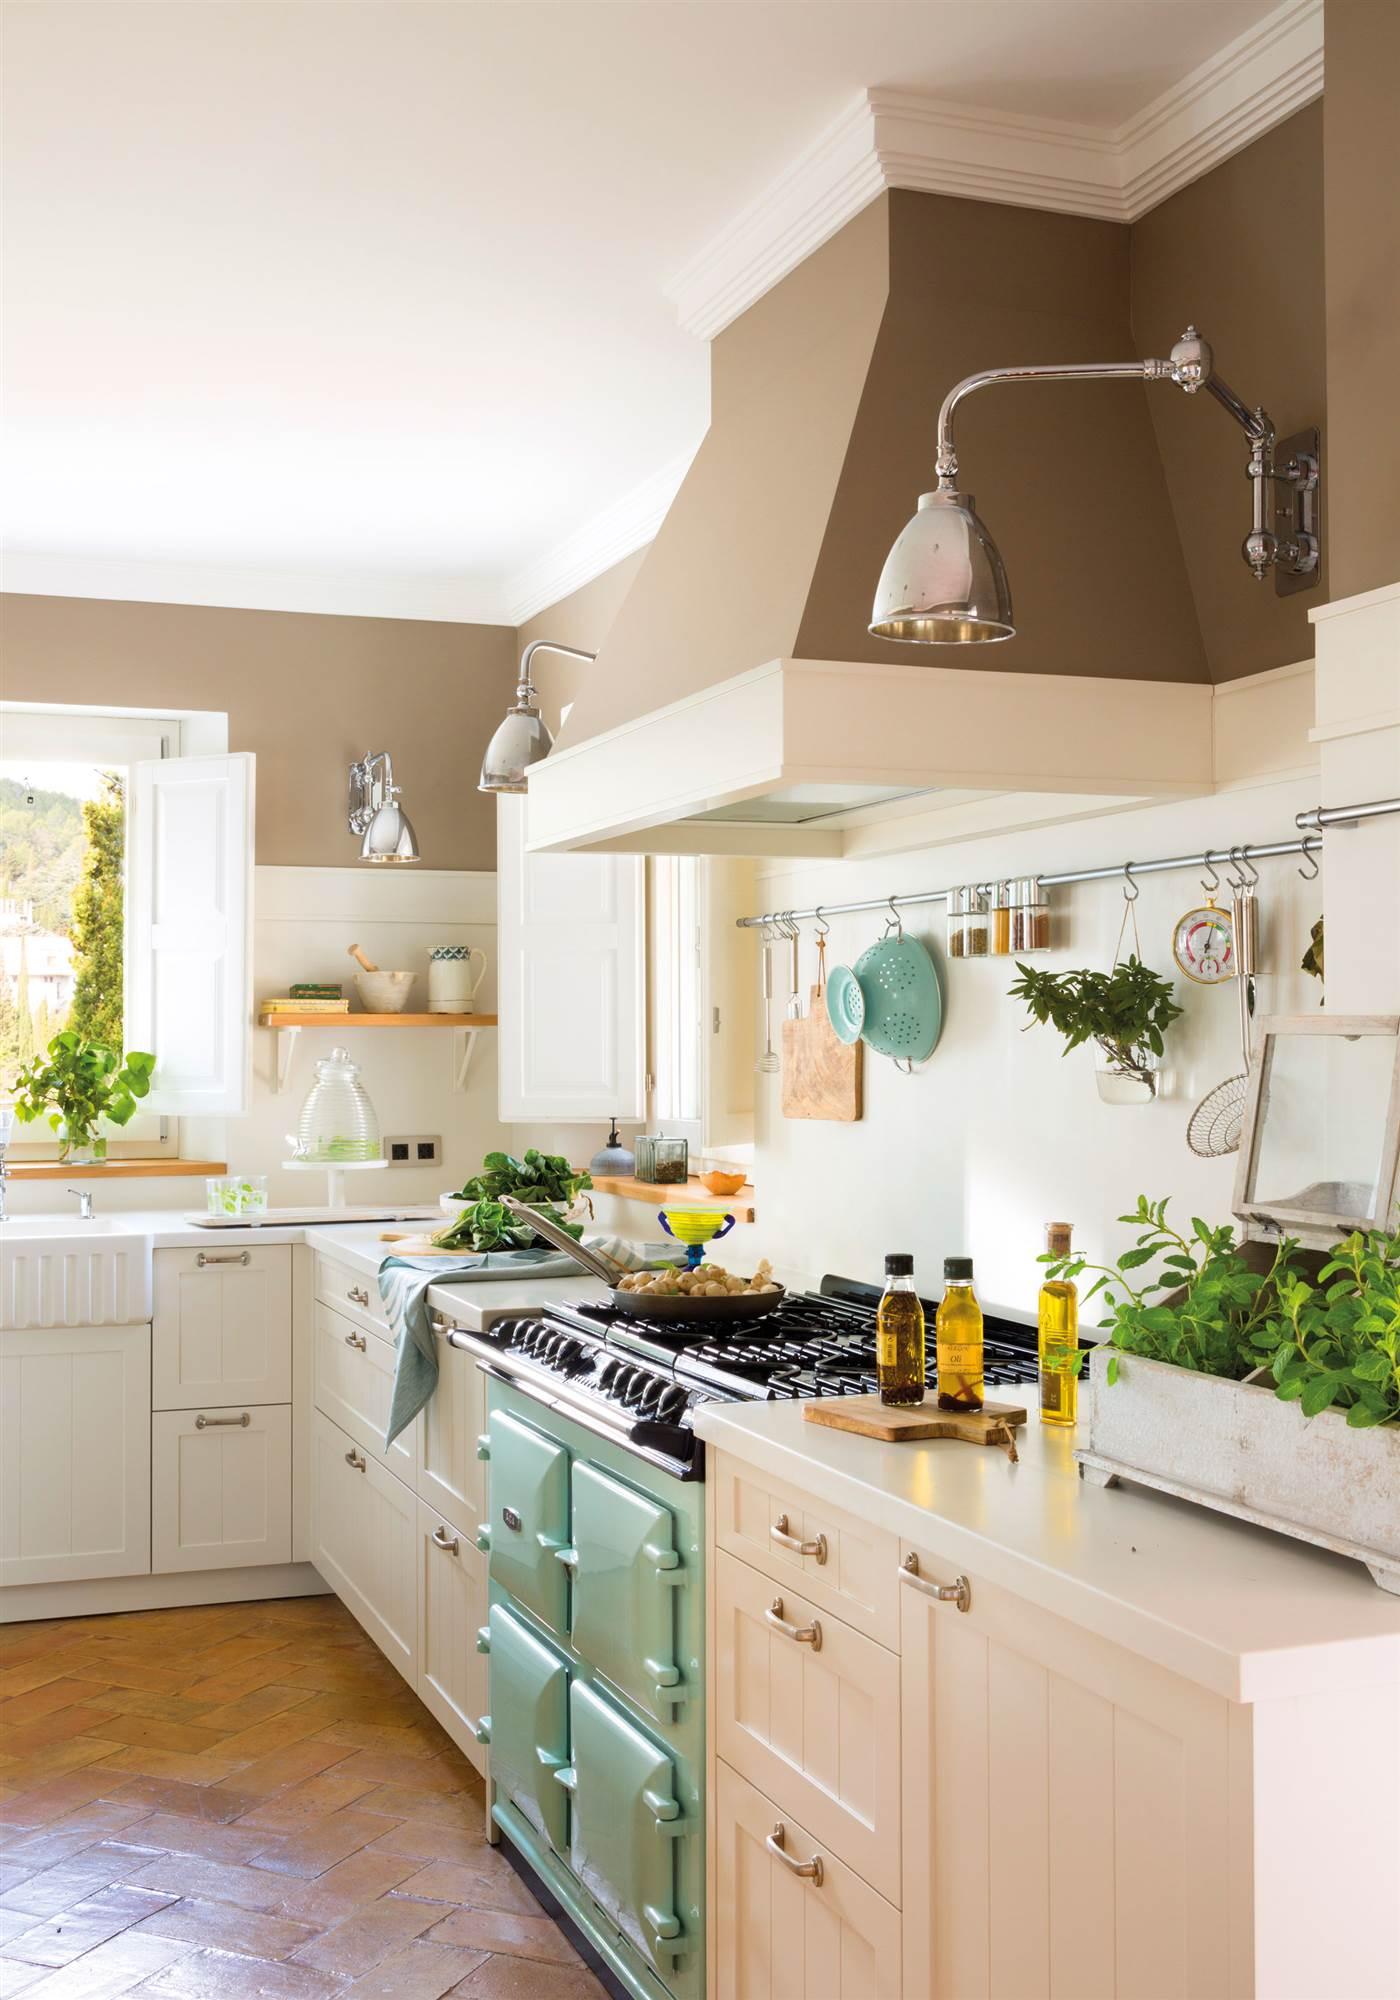 Cambios low cost para la cocina for Cocinas baratisimas